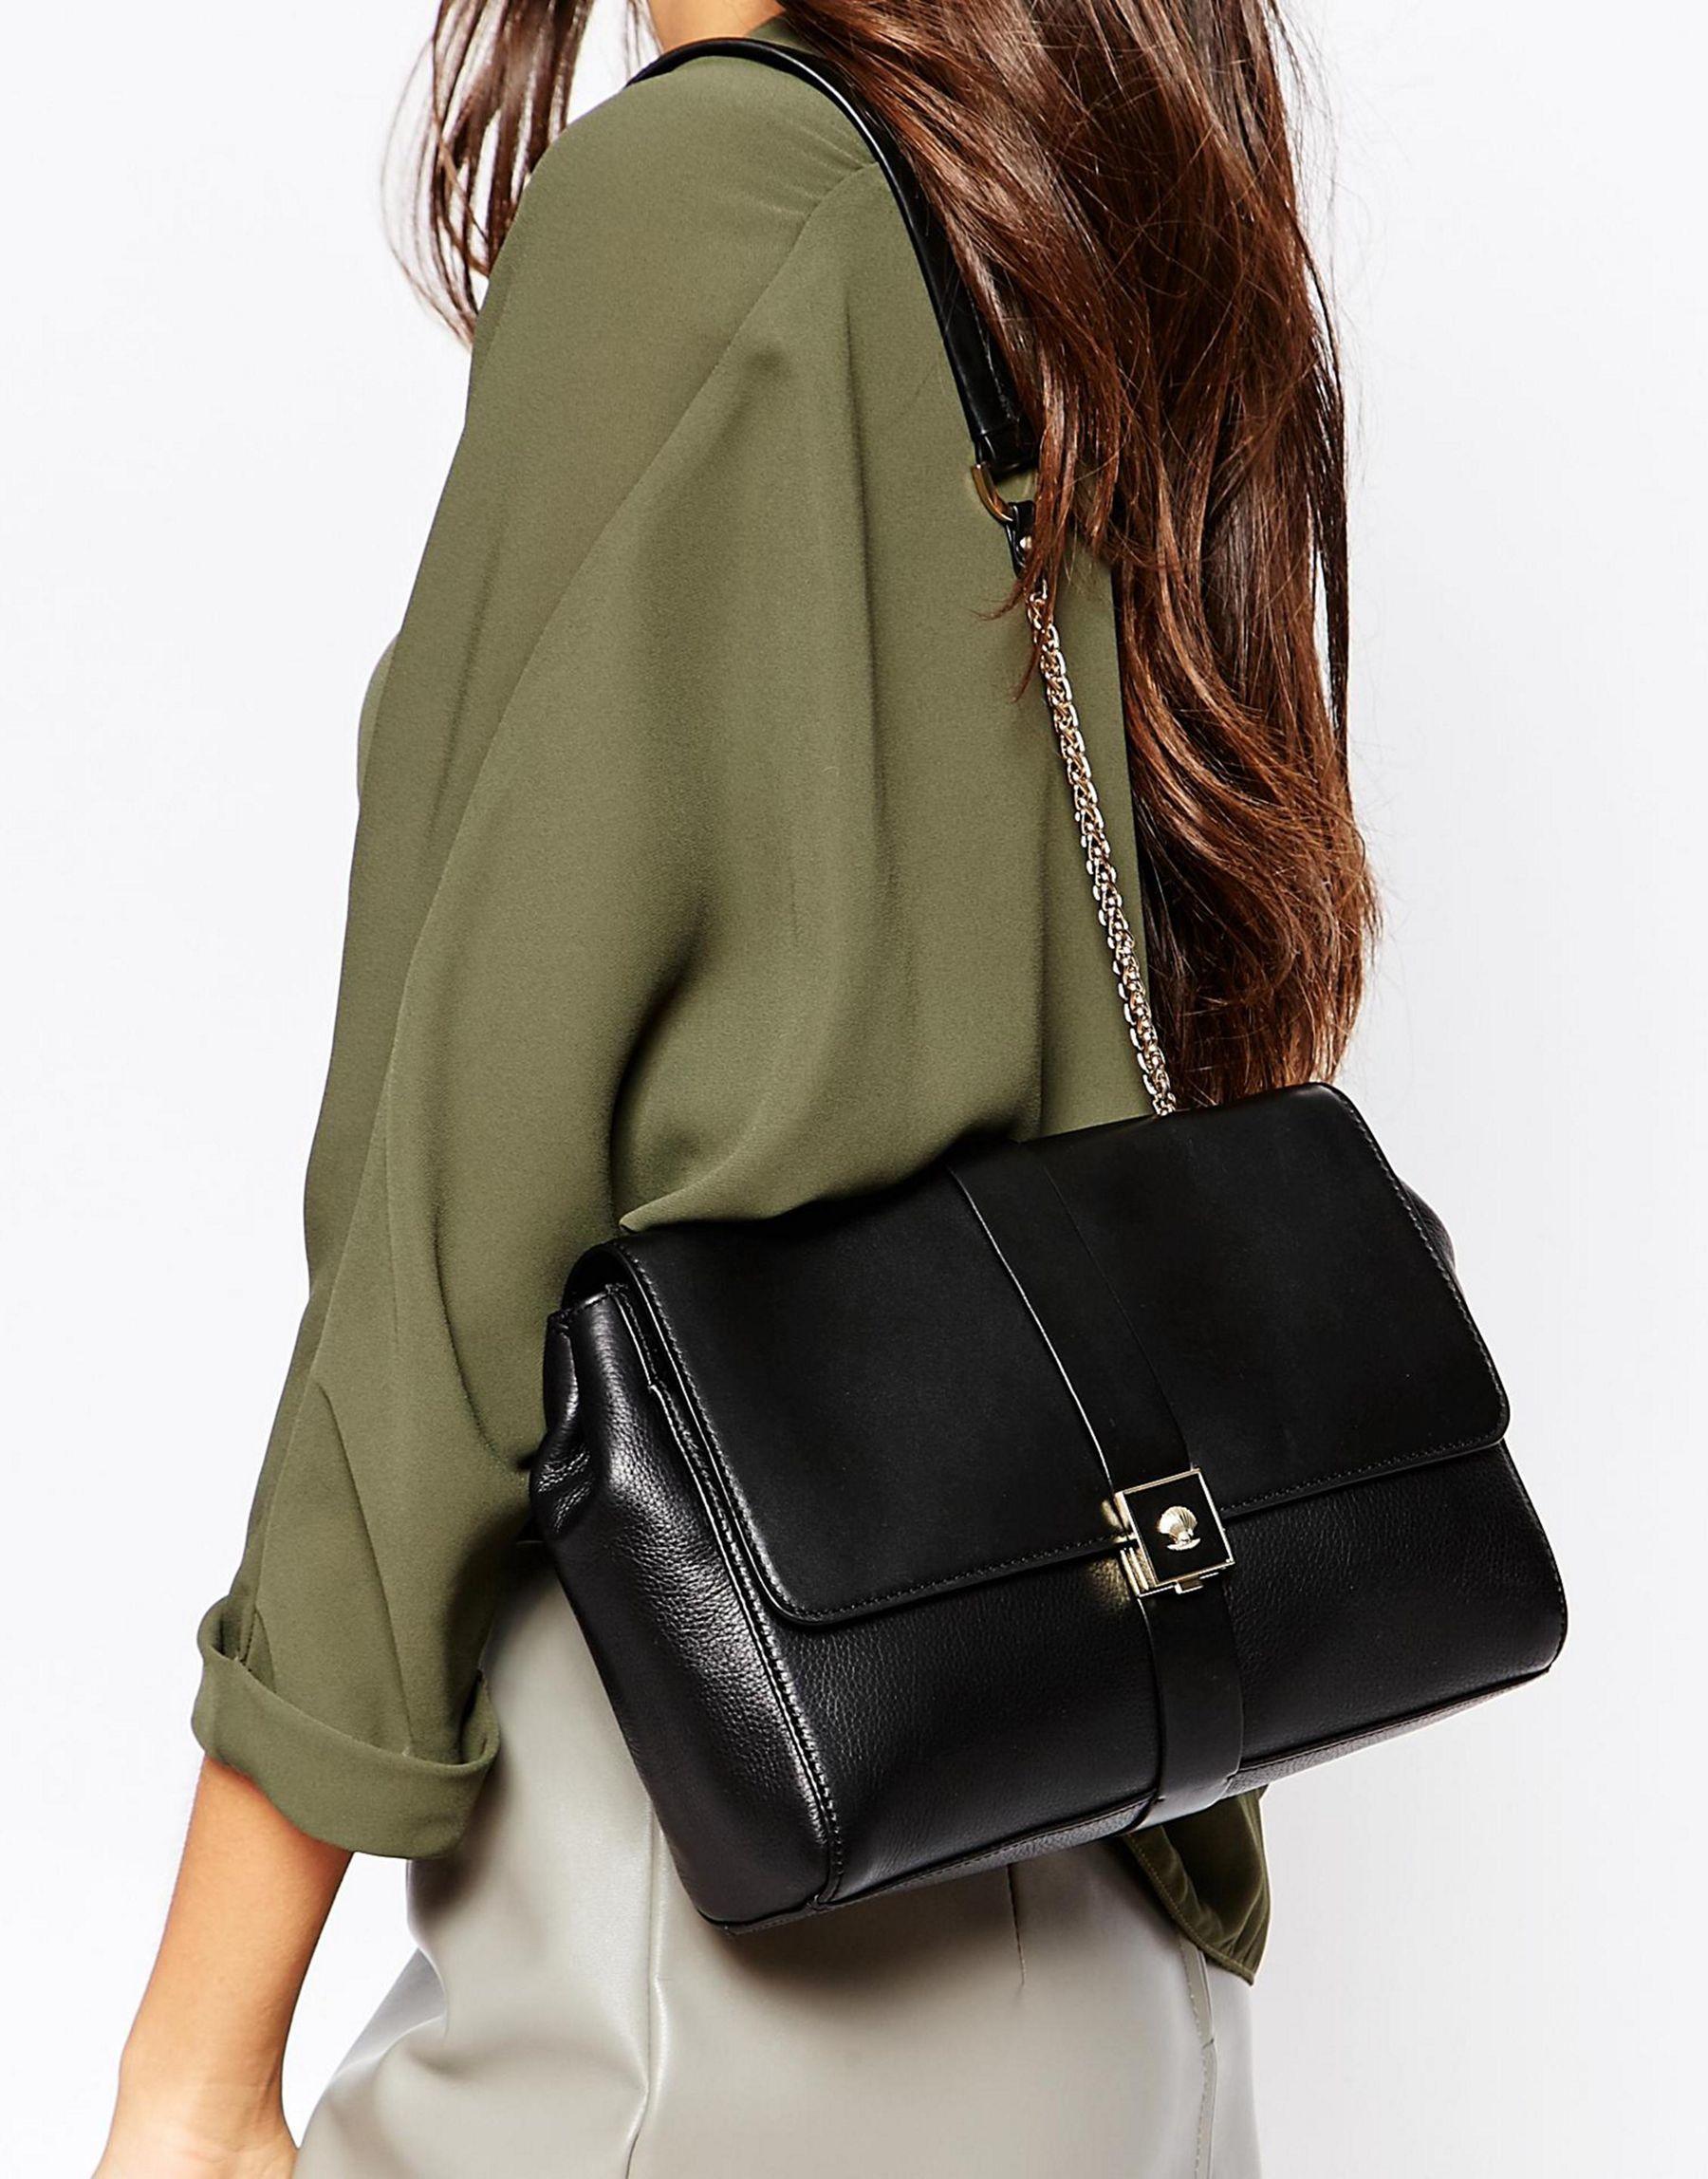 Leather Flap Over Shoulder Bag In Black